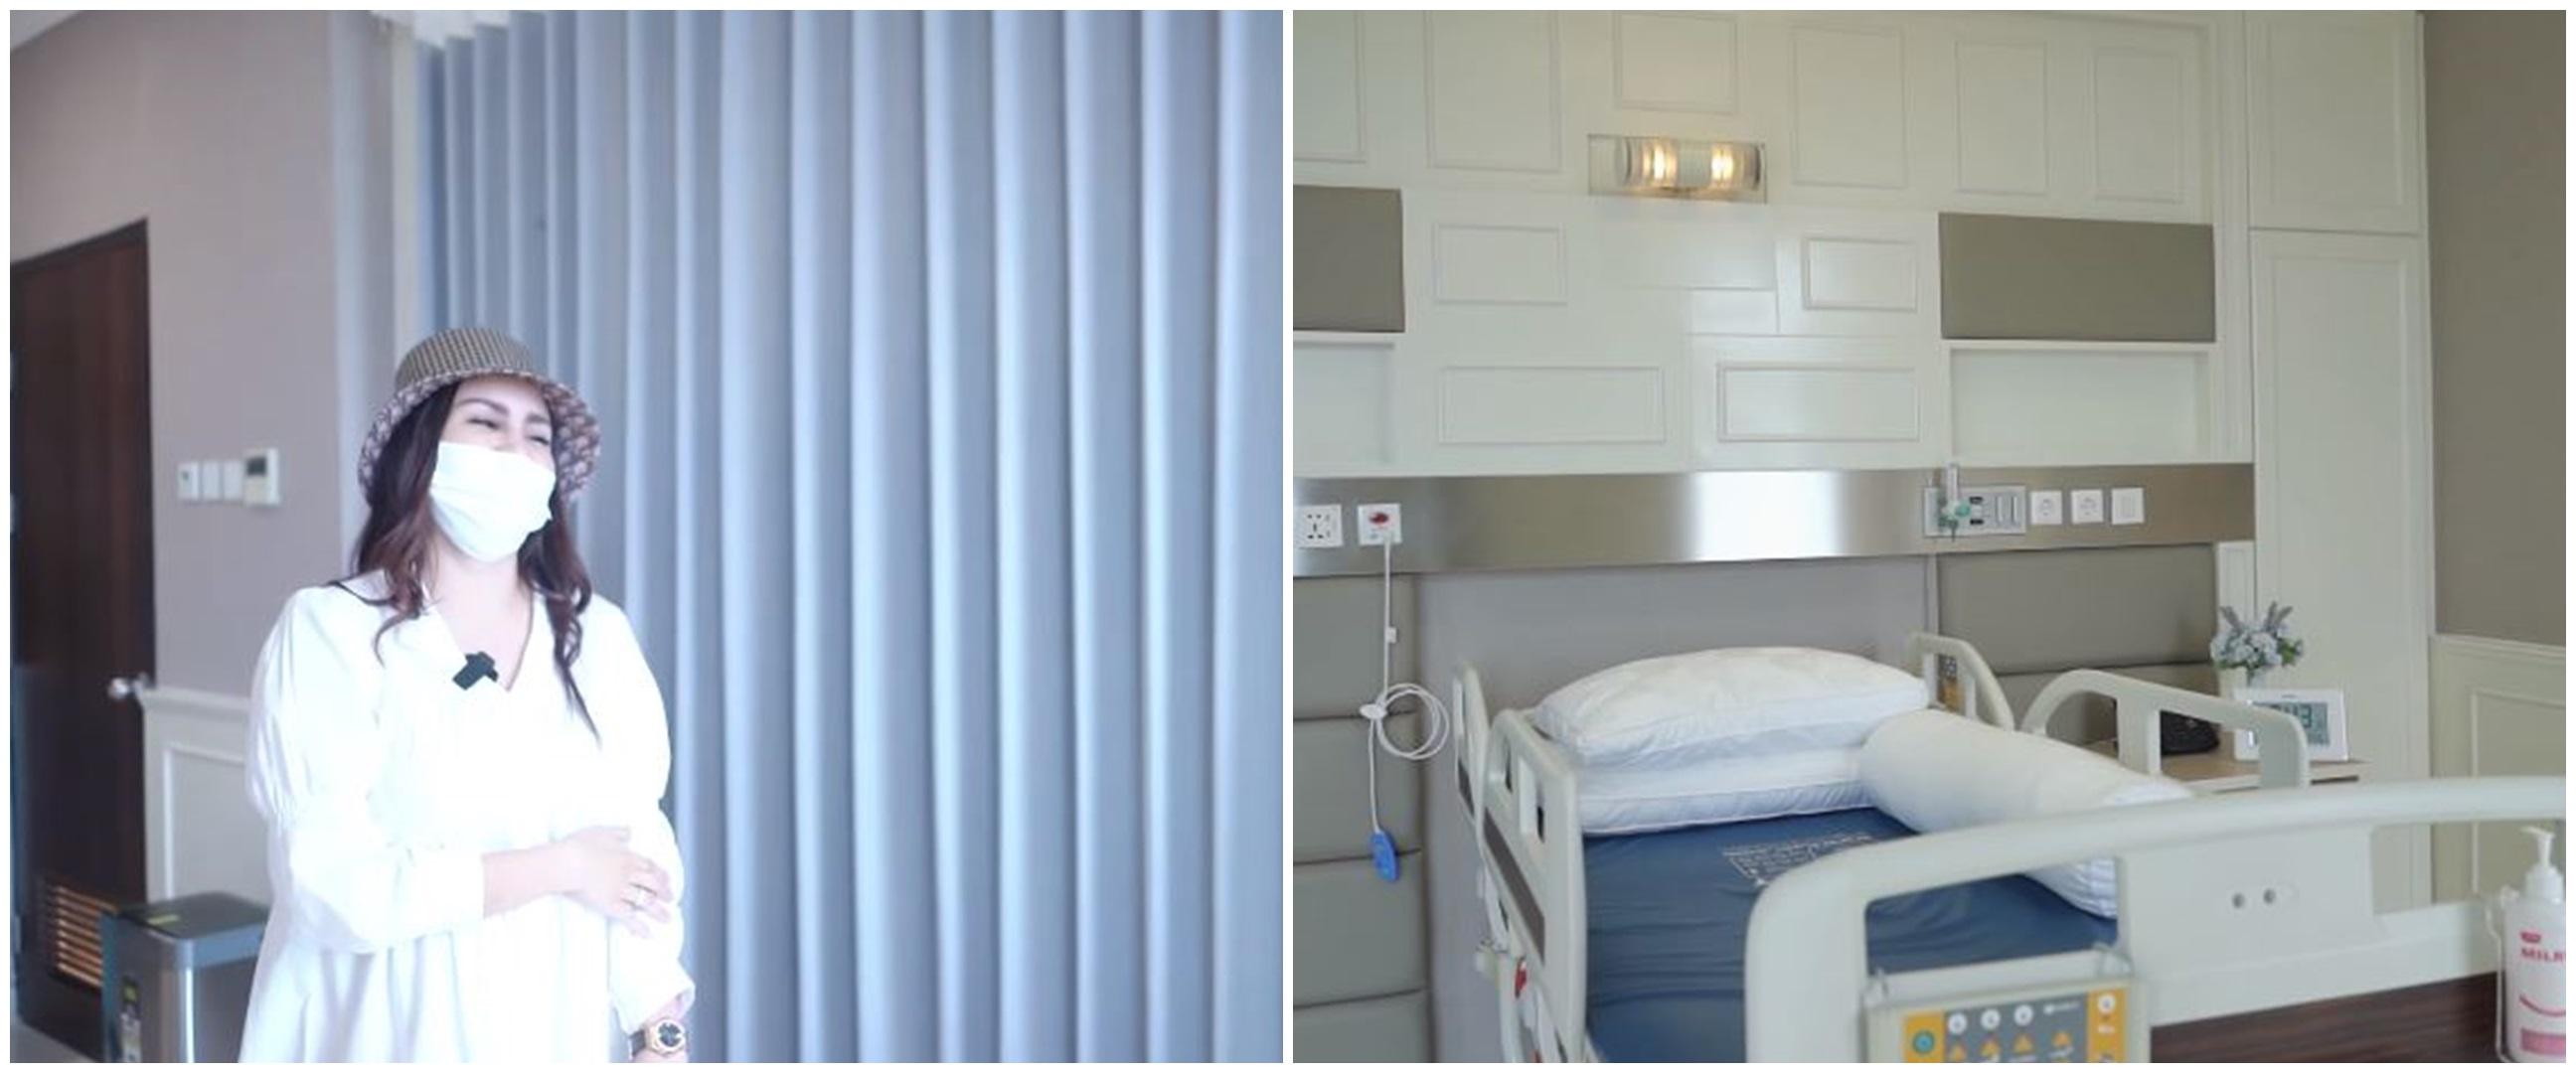 10 Potret ruang perawatan anak Momo Geisha di RS, serasa kamar hotel